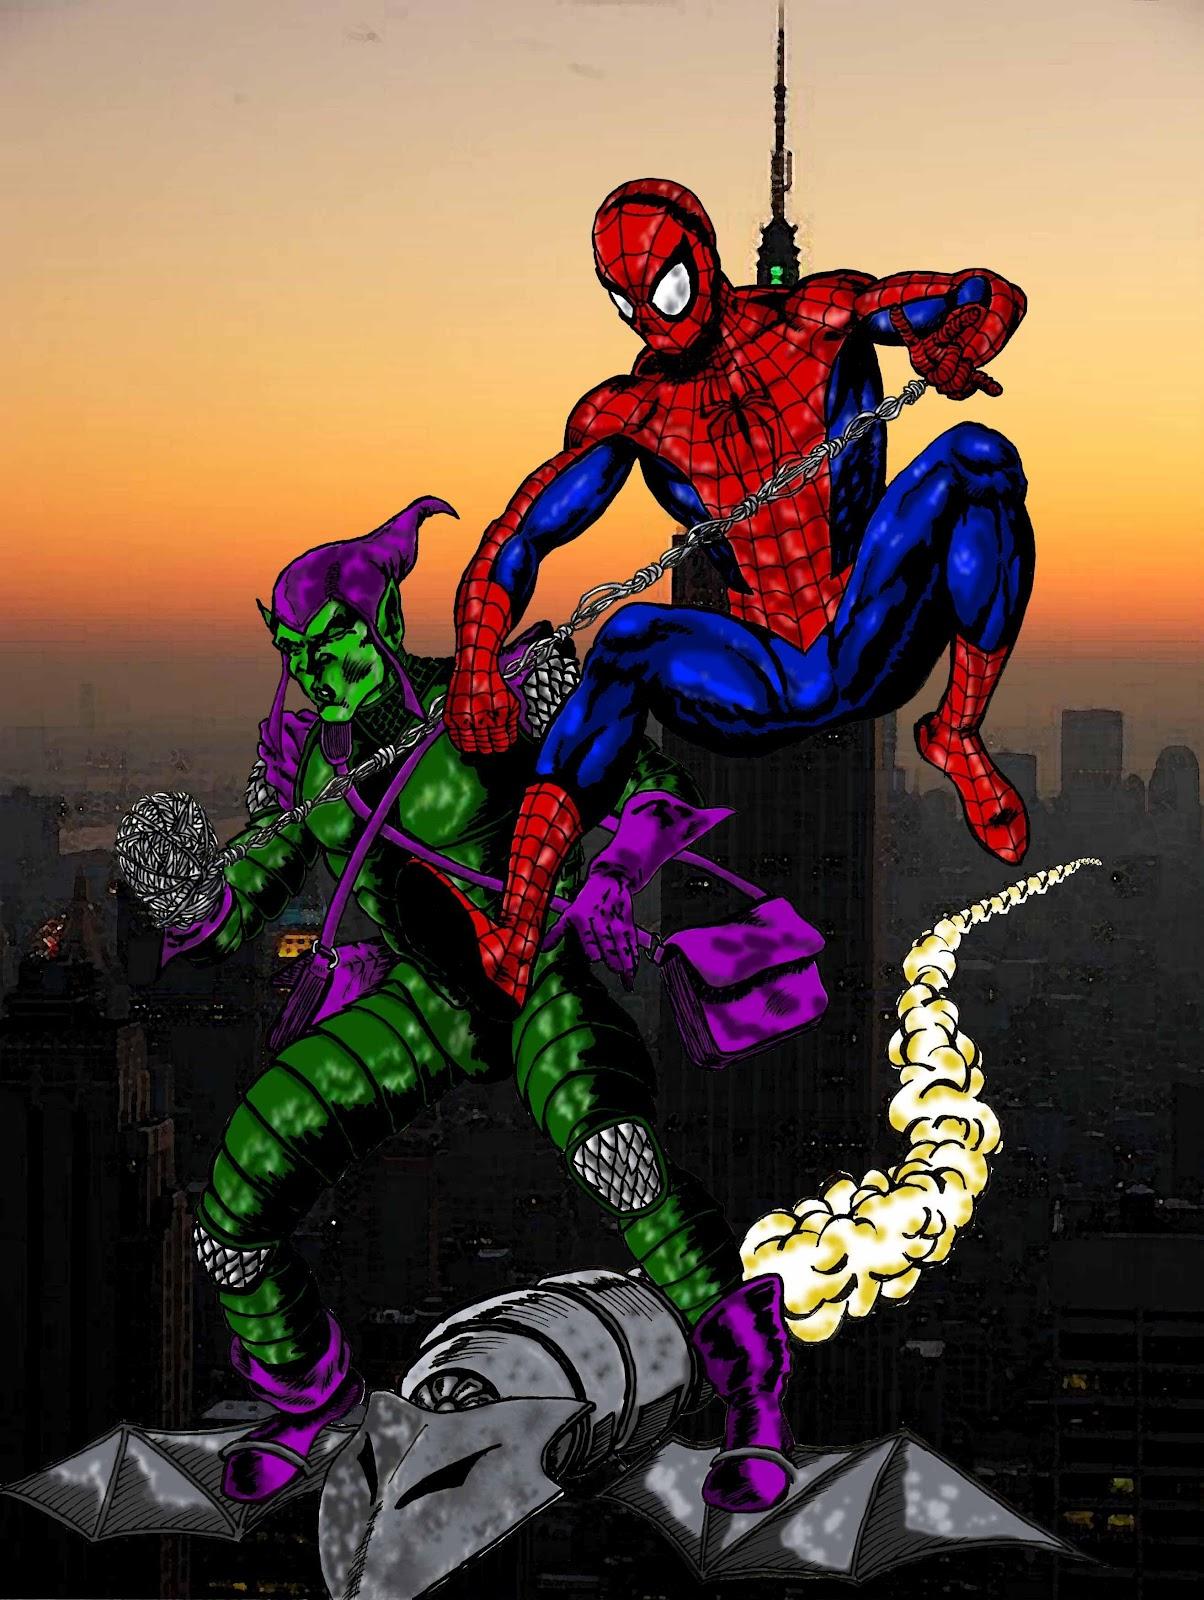 Alquimiayciencias Spiderman Y El Duende Verde Contra La Física